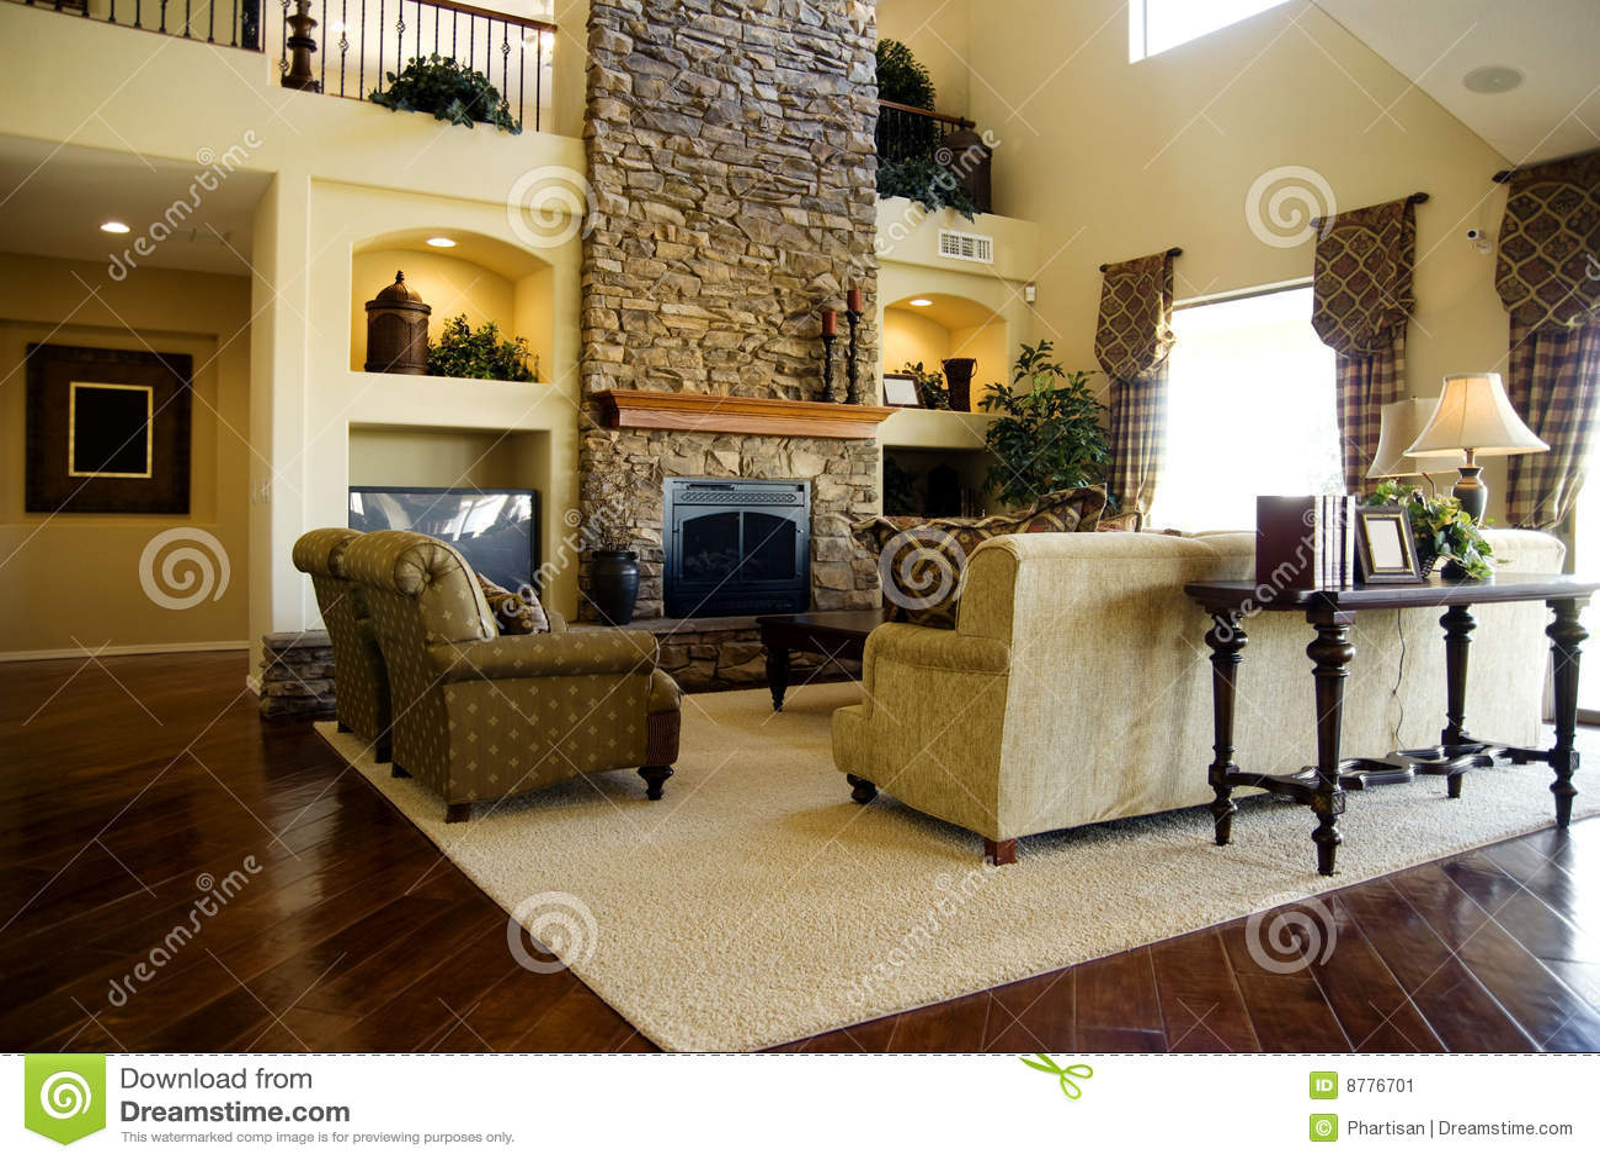 Decorating Area Rugs Hardwood Floors